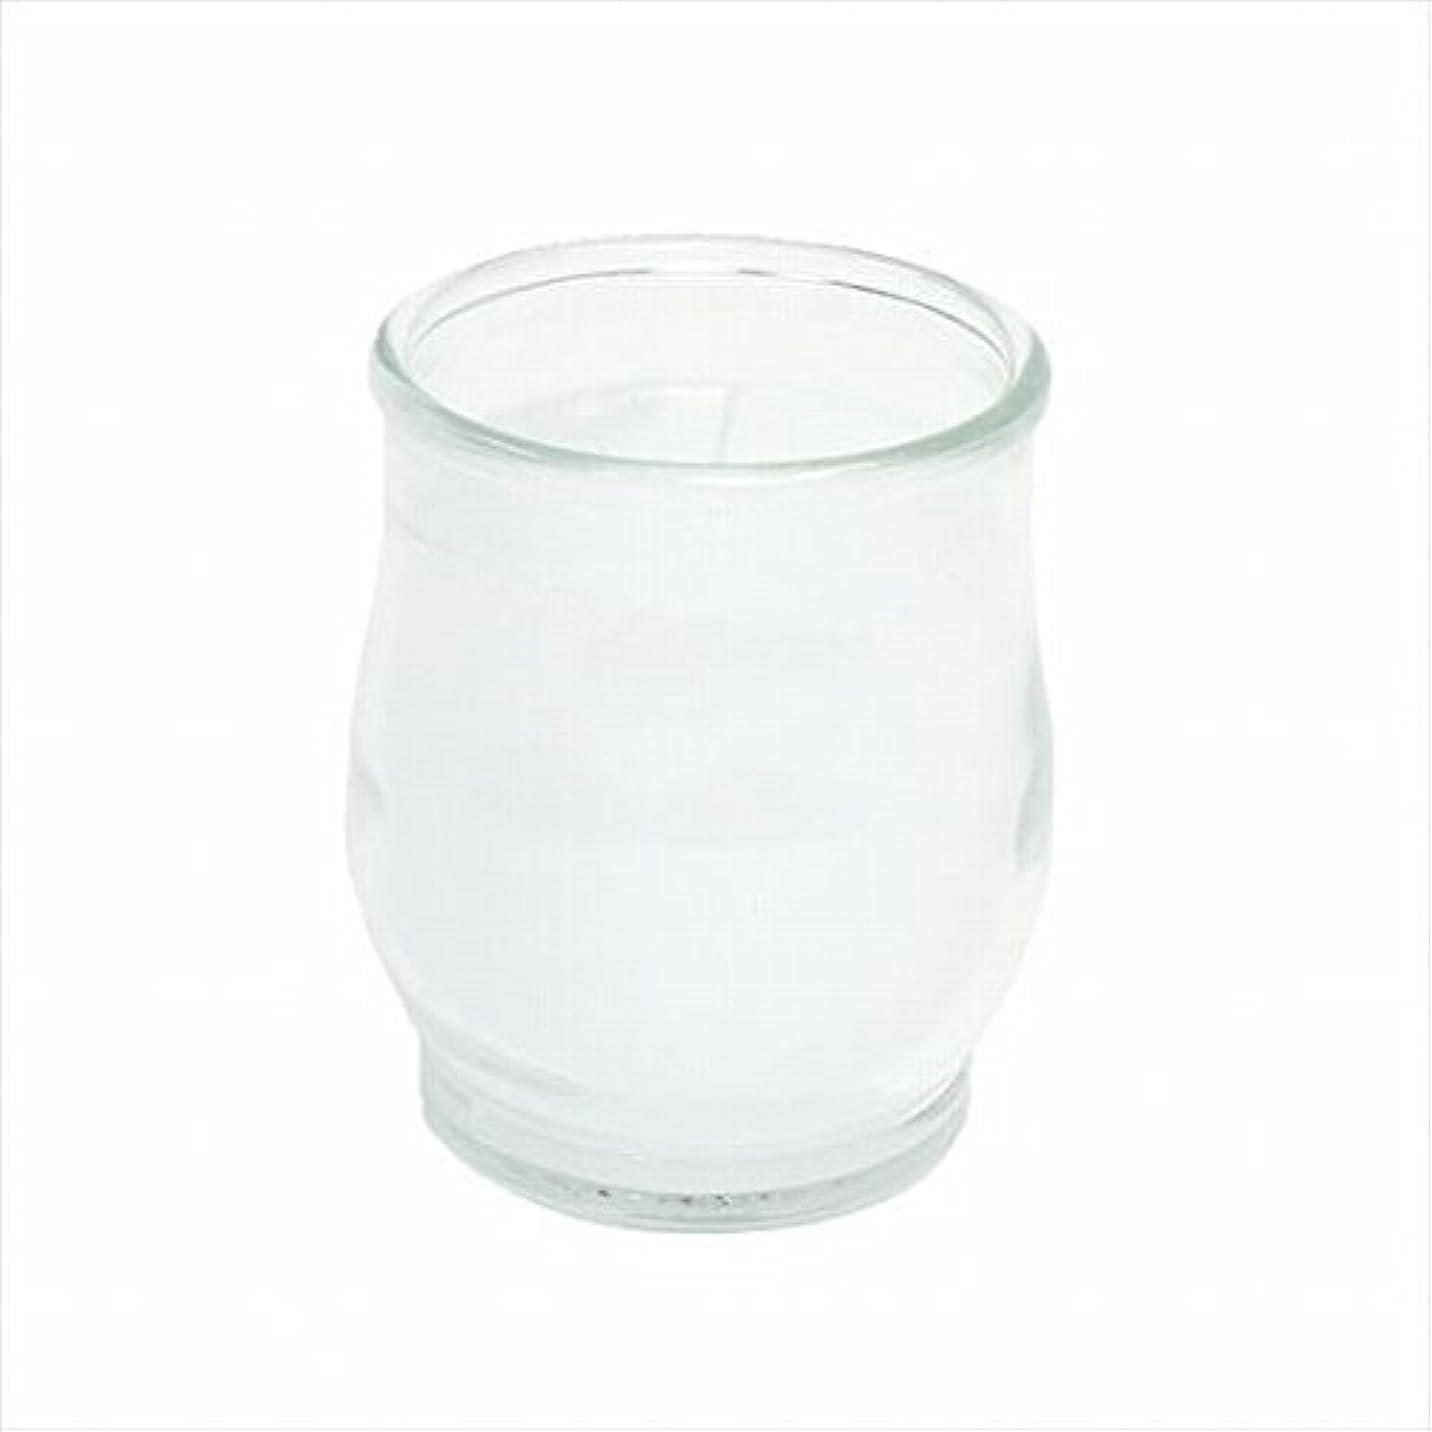 不平を言う他にミンチカメヤマキャンドル(kameyama candle) ポシェ(非常用コップローソク) 「 クリア 」